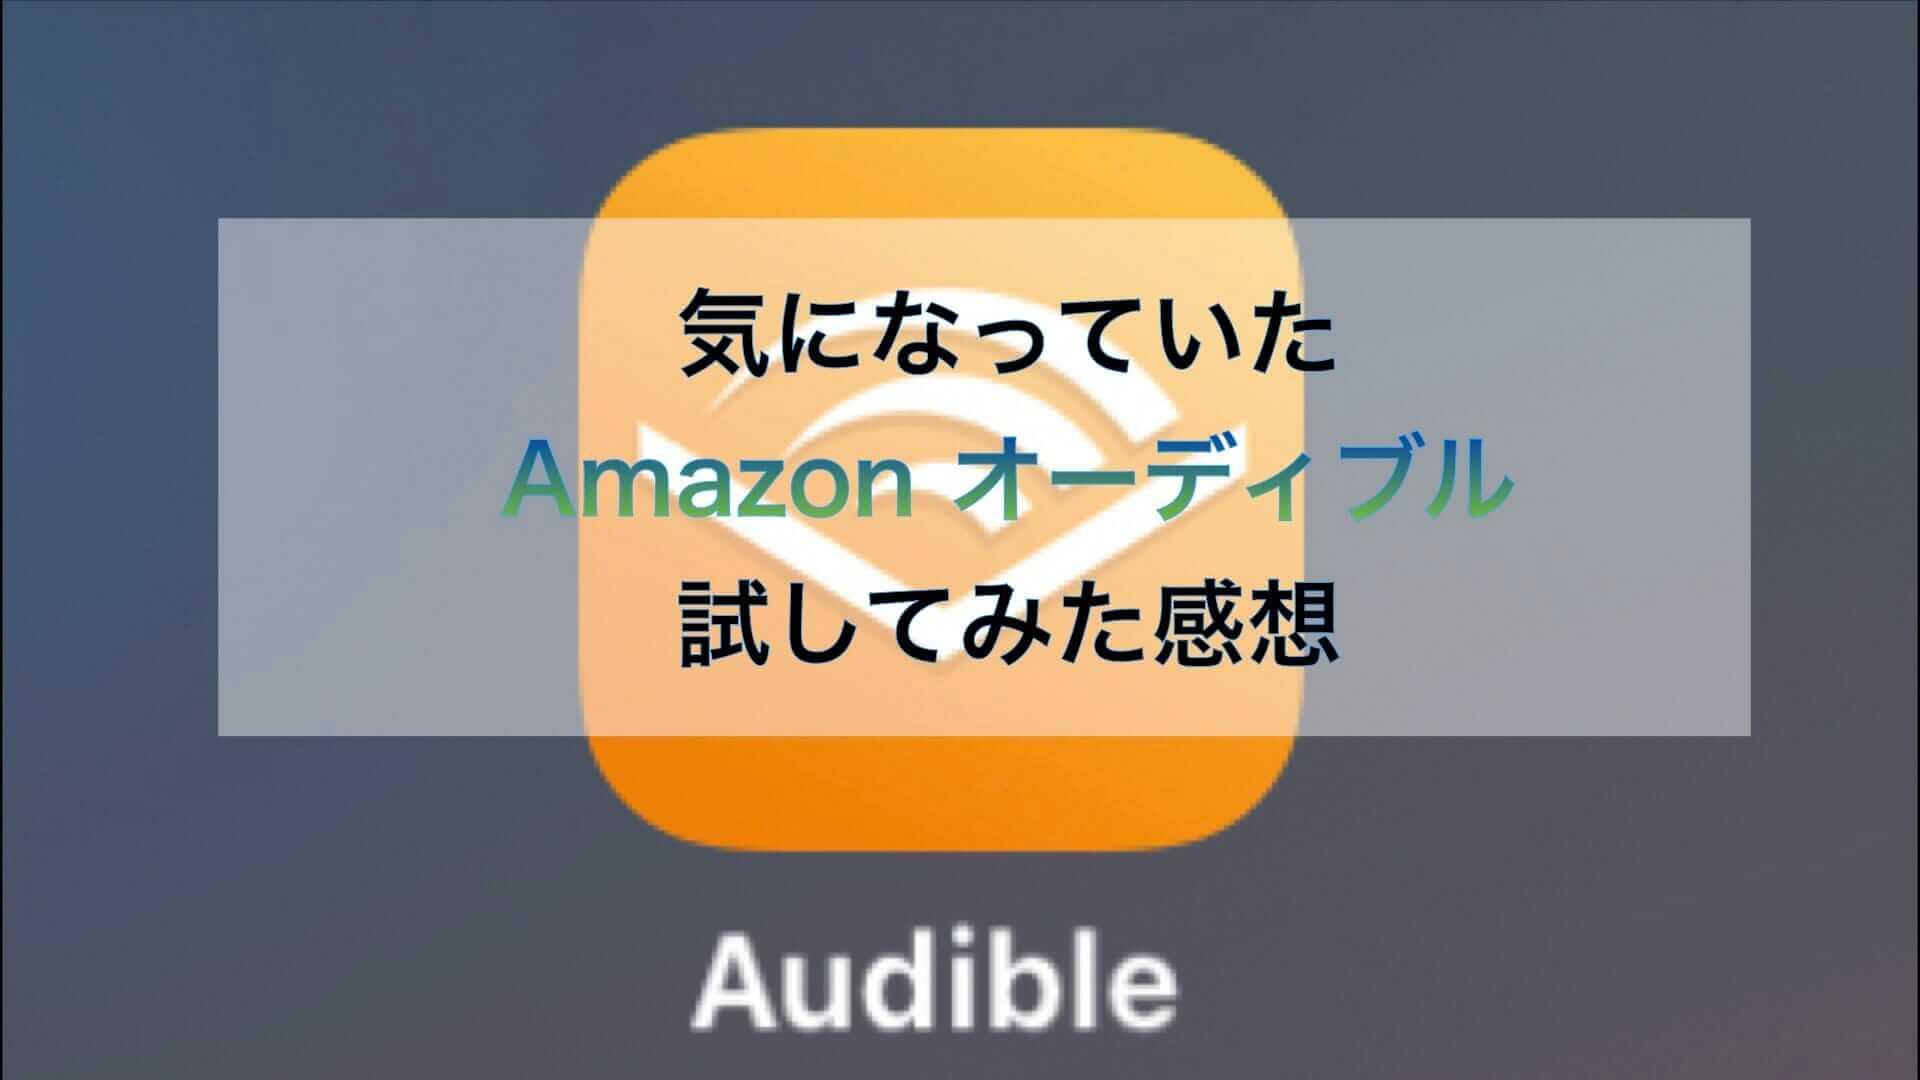 気になっていたAmazonオーディブルを試してみた感想